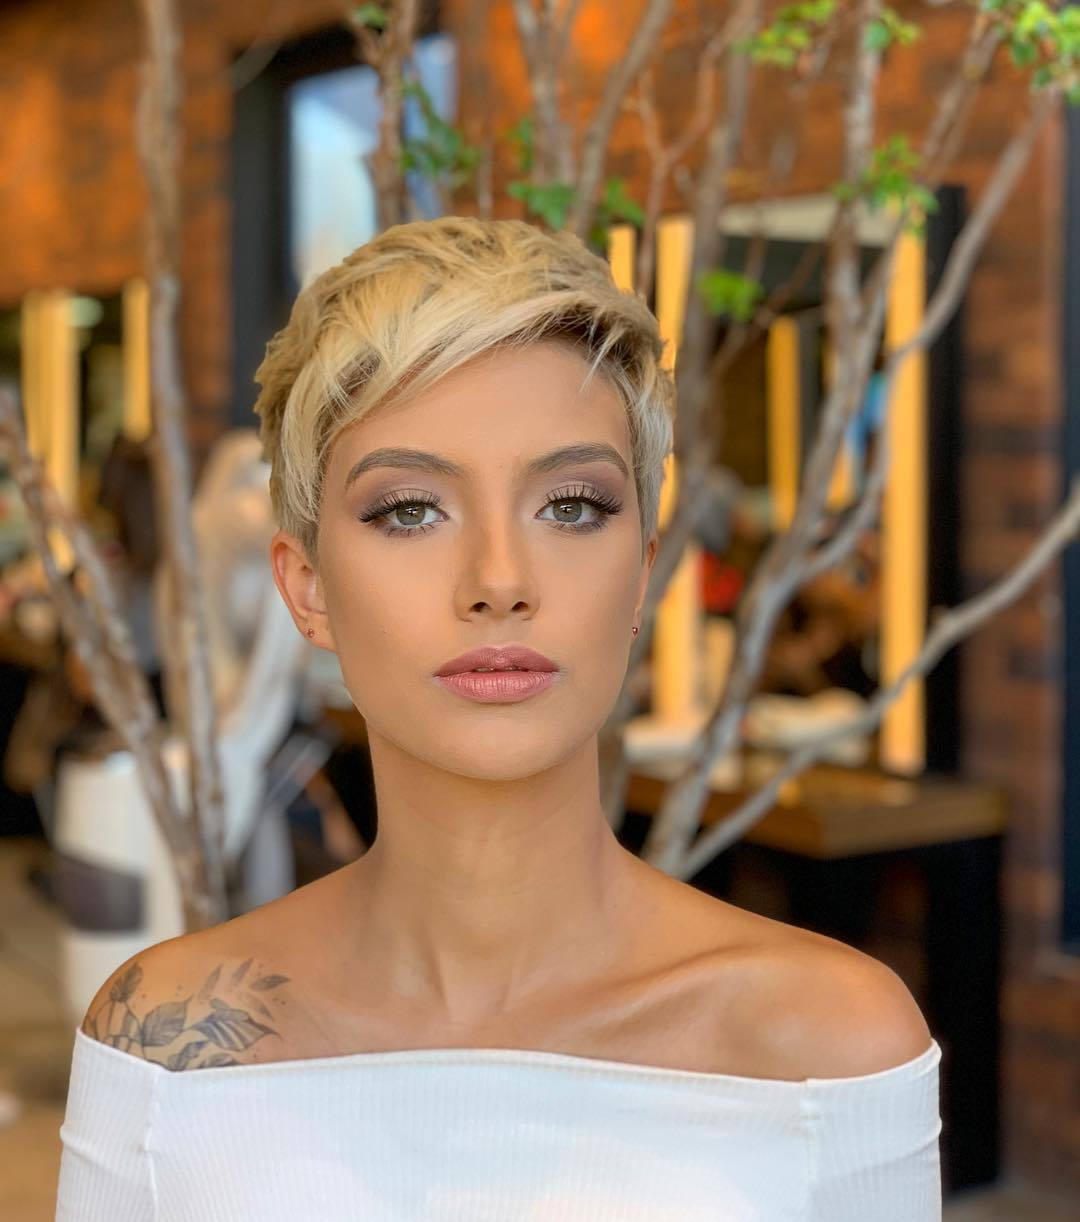 femme avec une courte coiffure blonde coupée en pixel